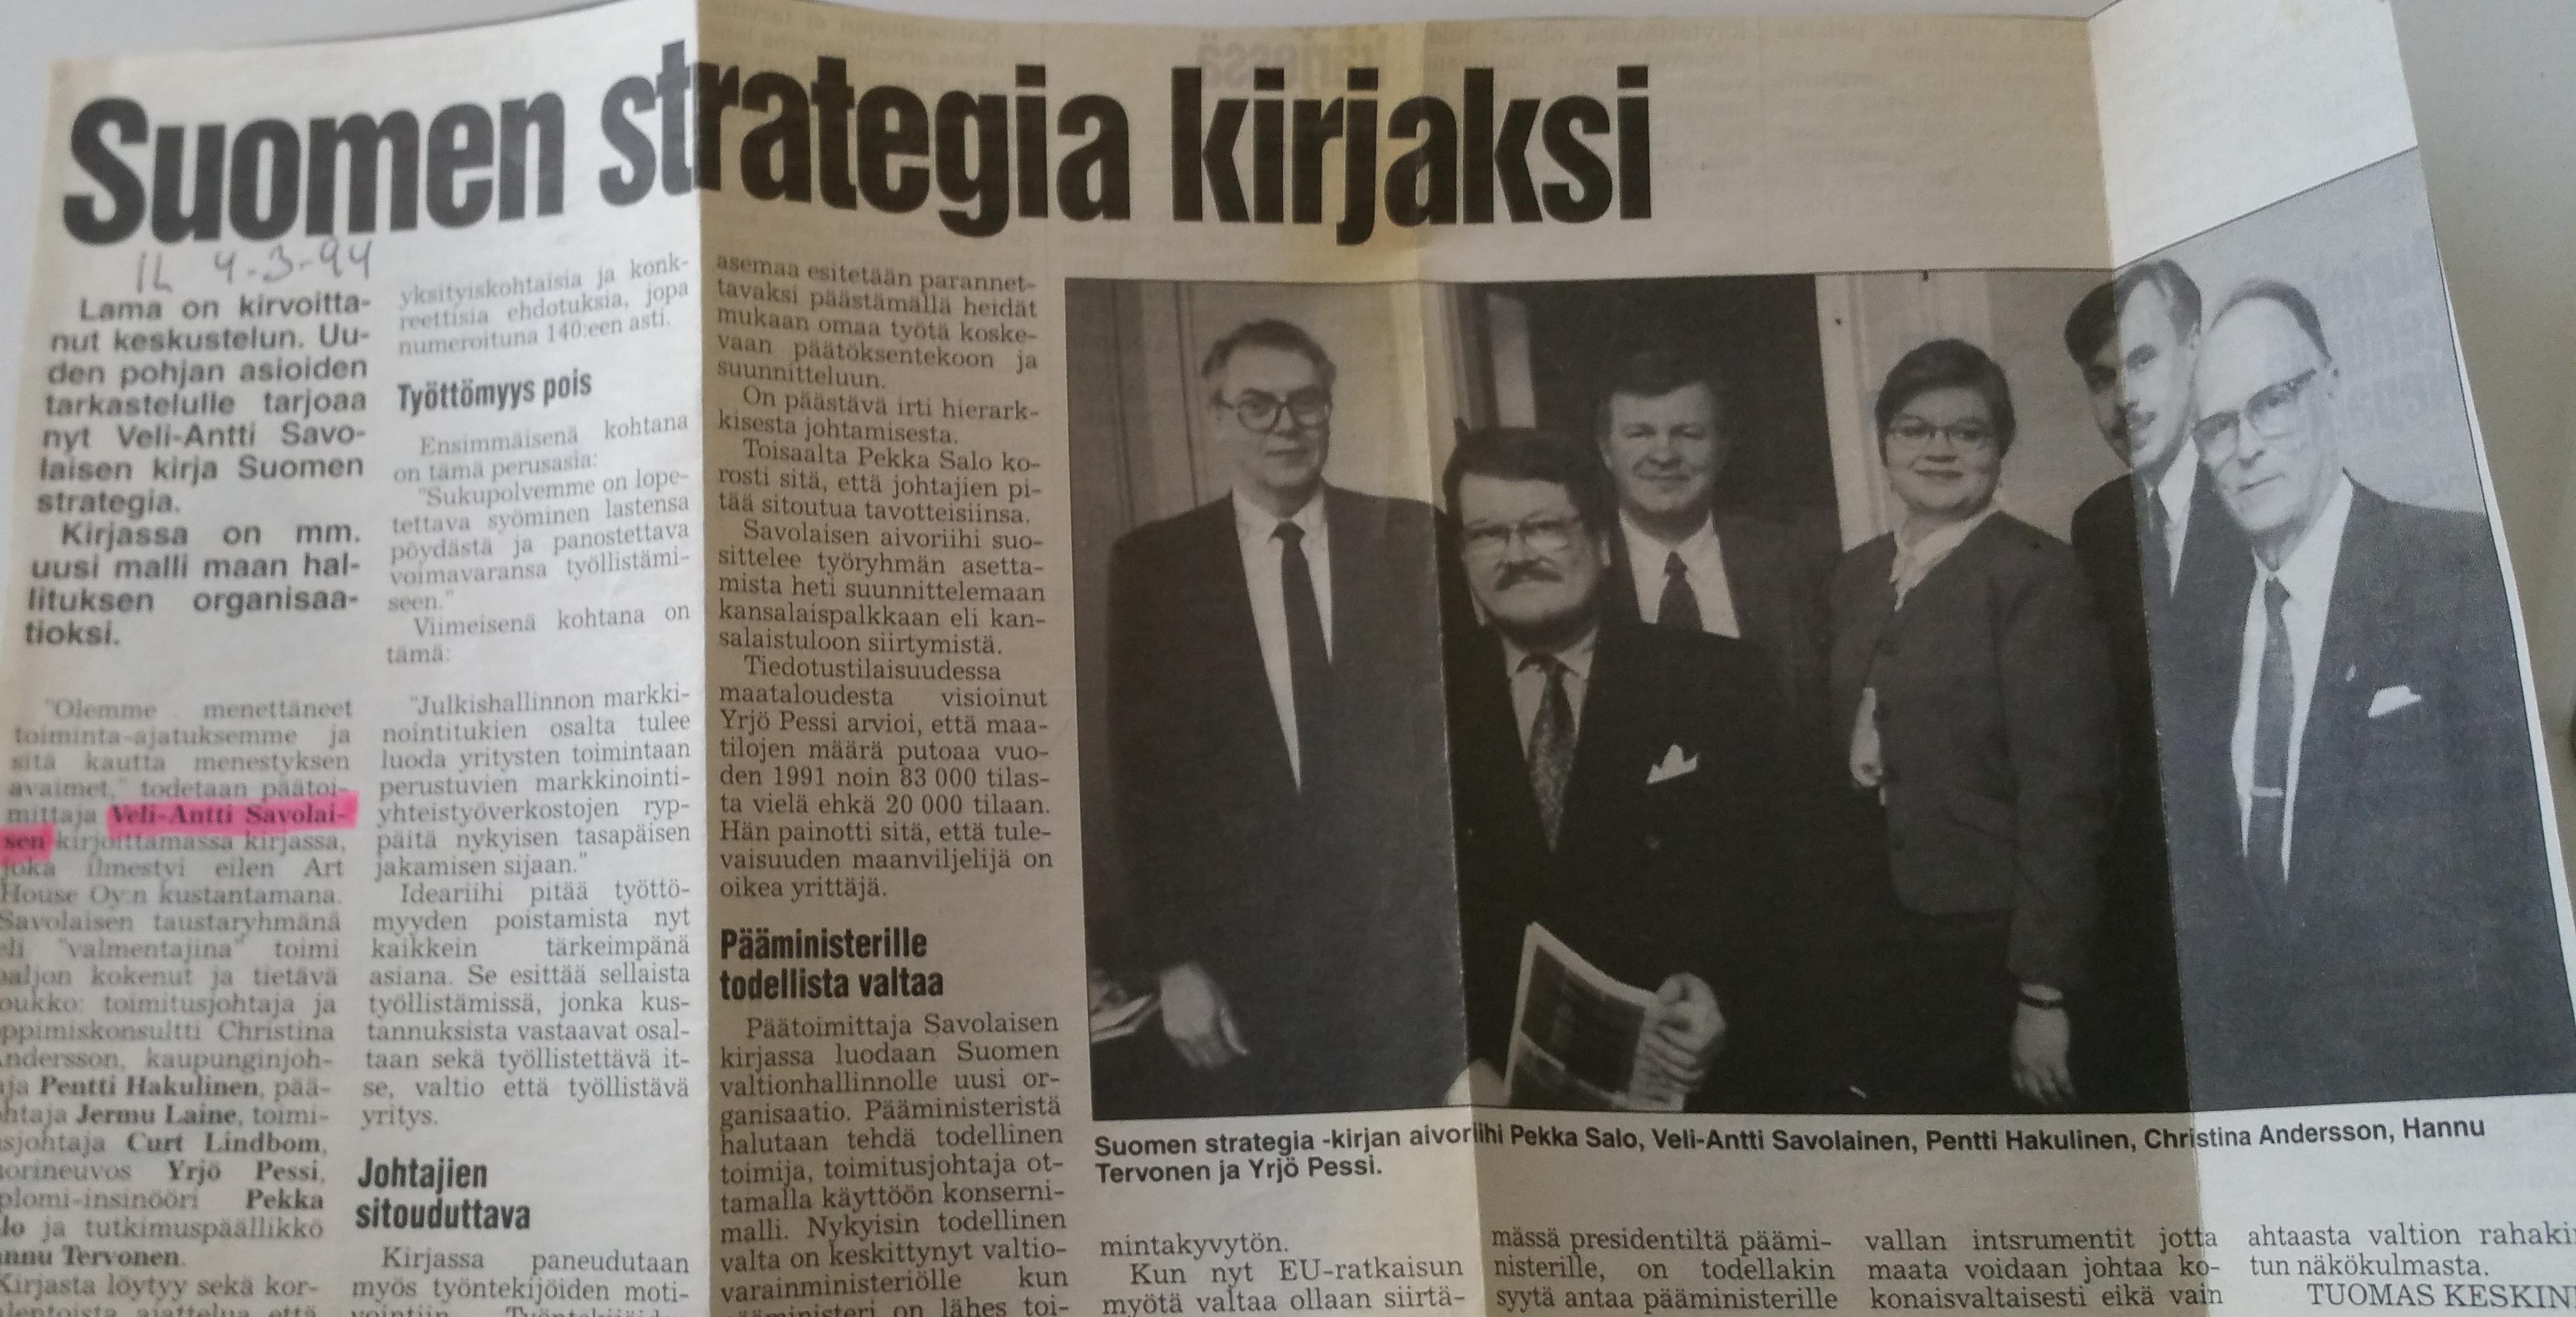 Suomen Strategia 1993 Arthouse